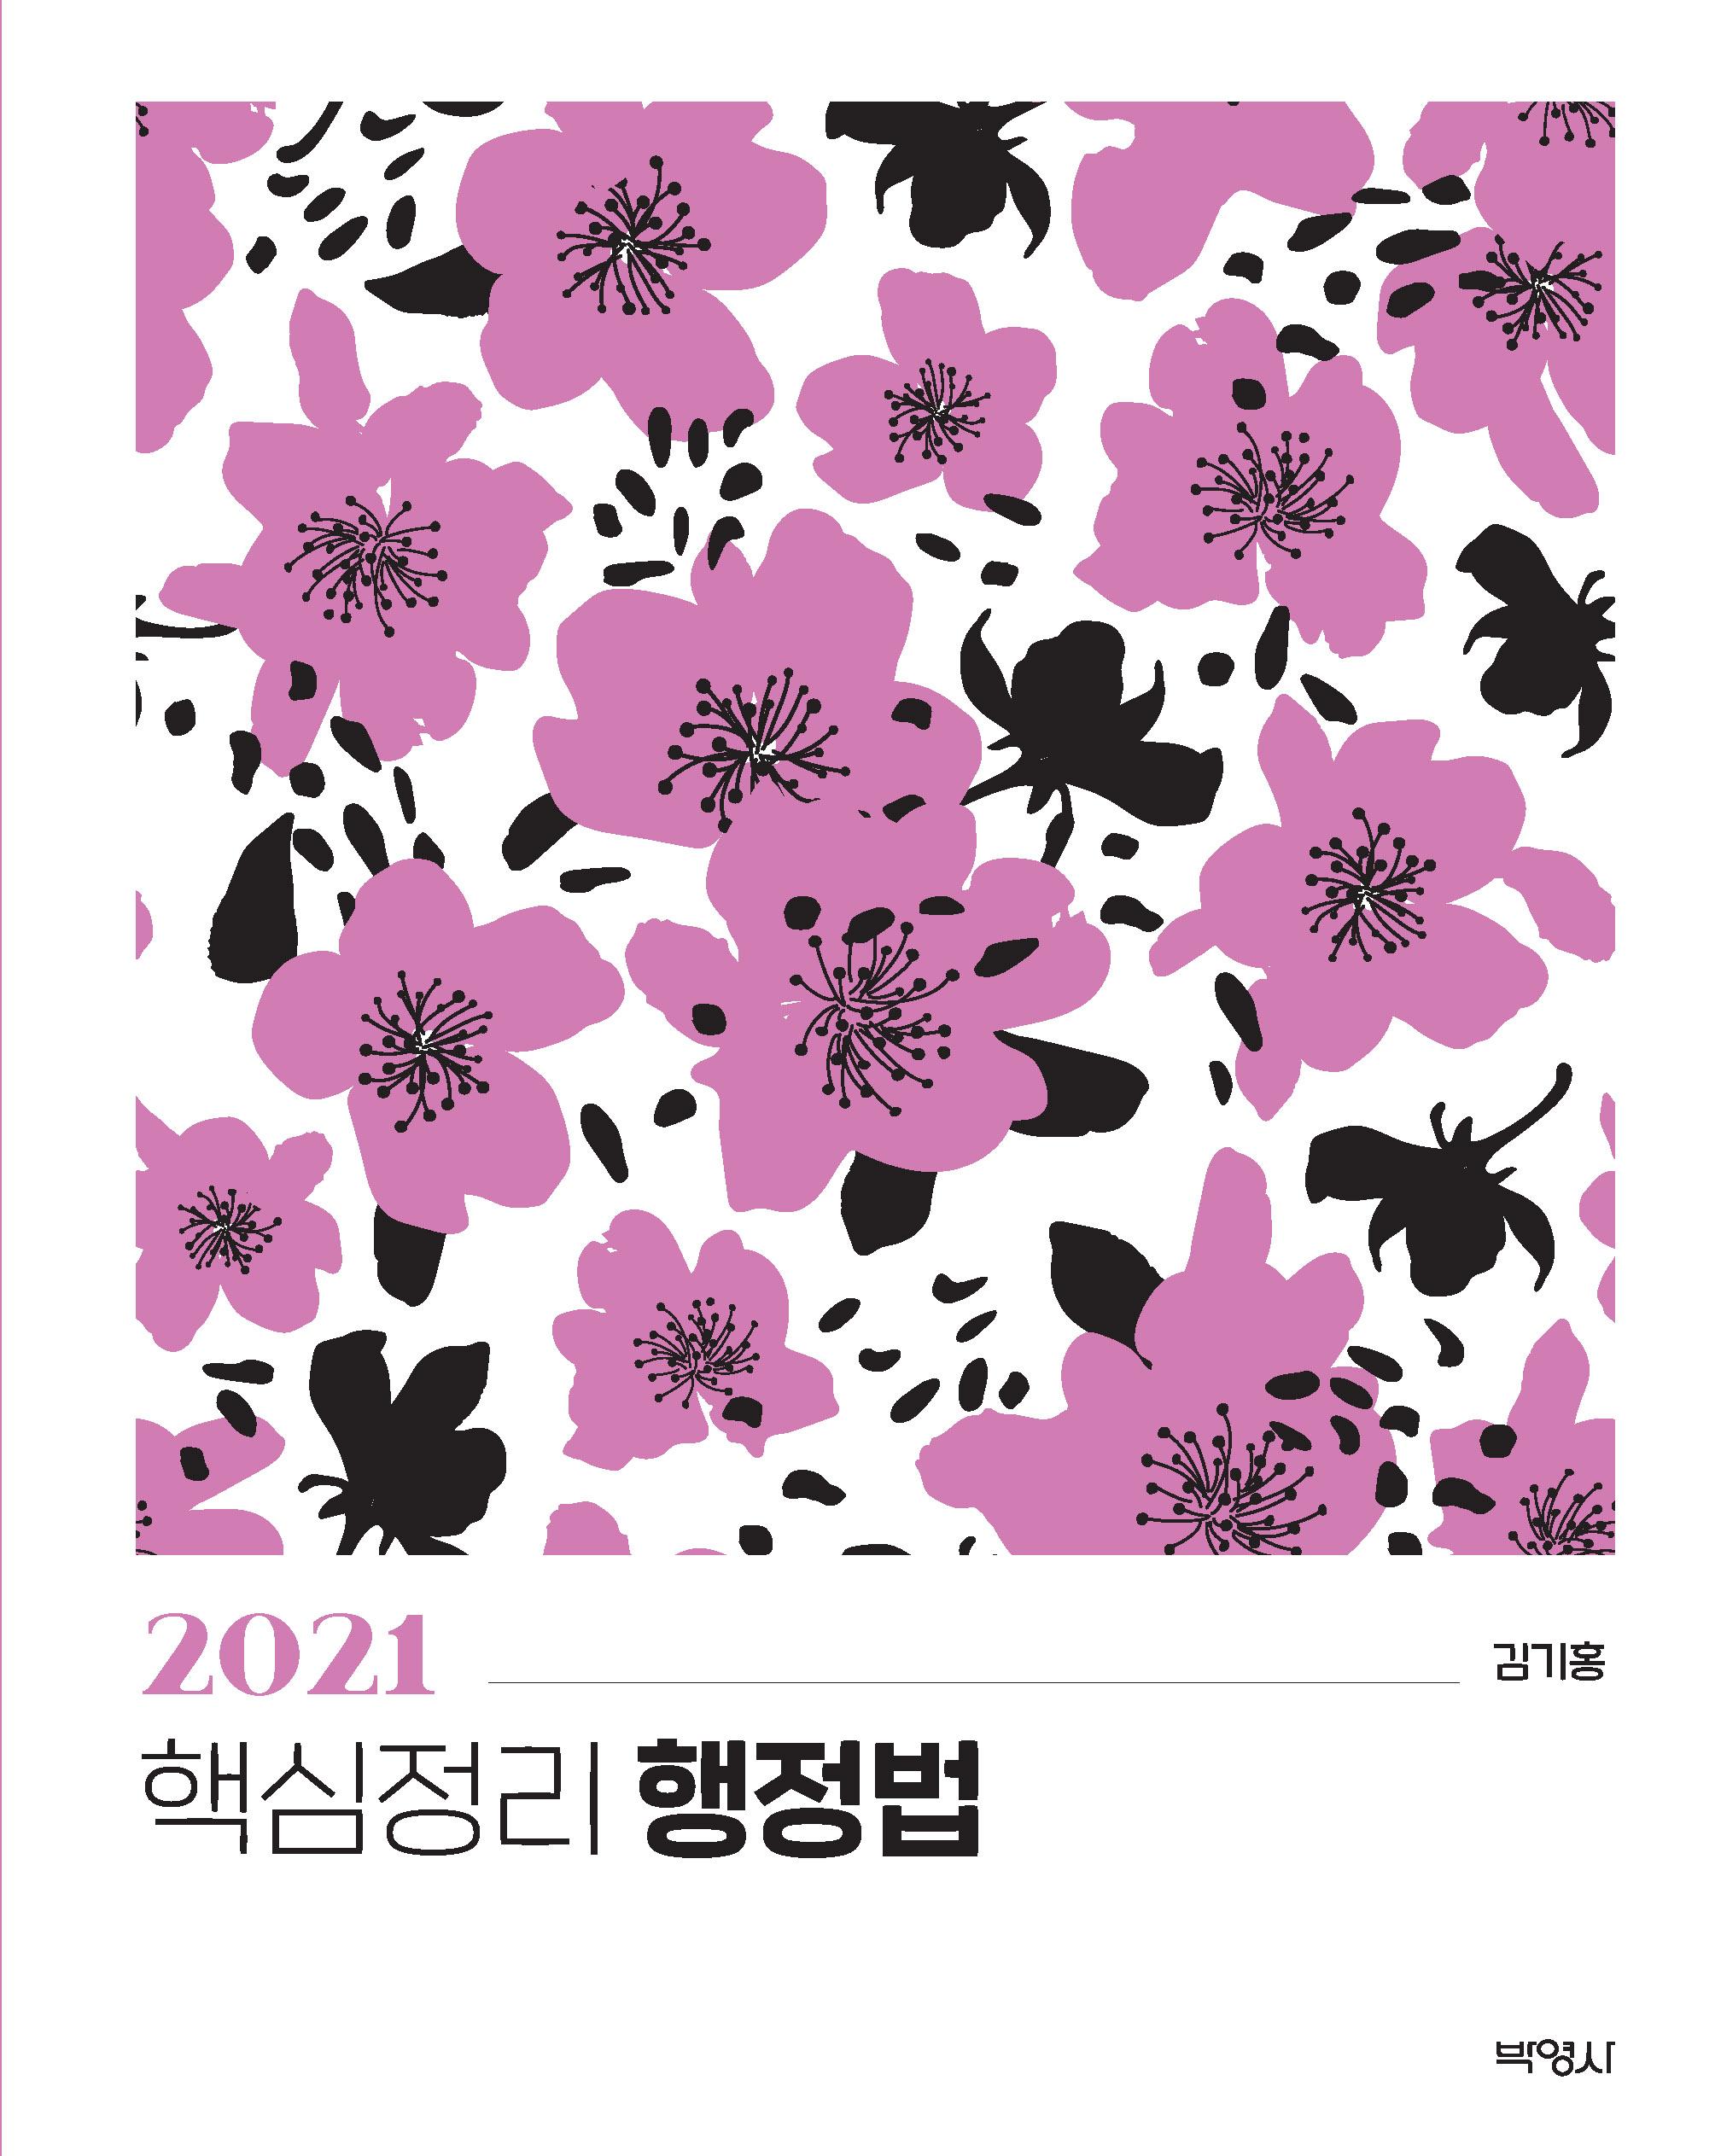 2021 김기홍 핵심정리 행정법 책 표지